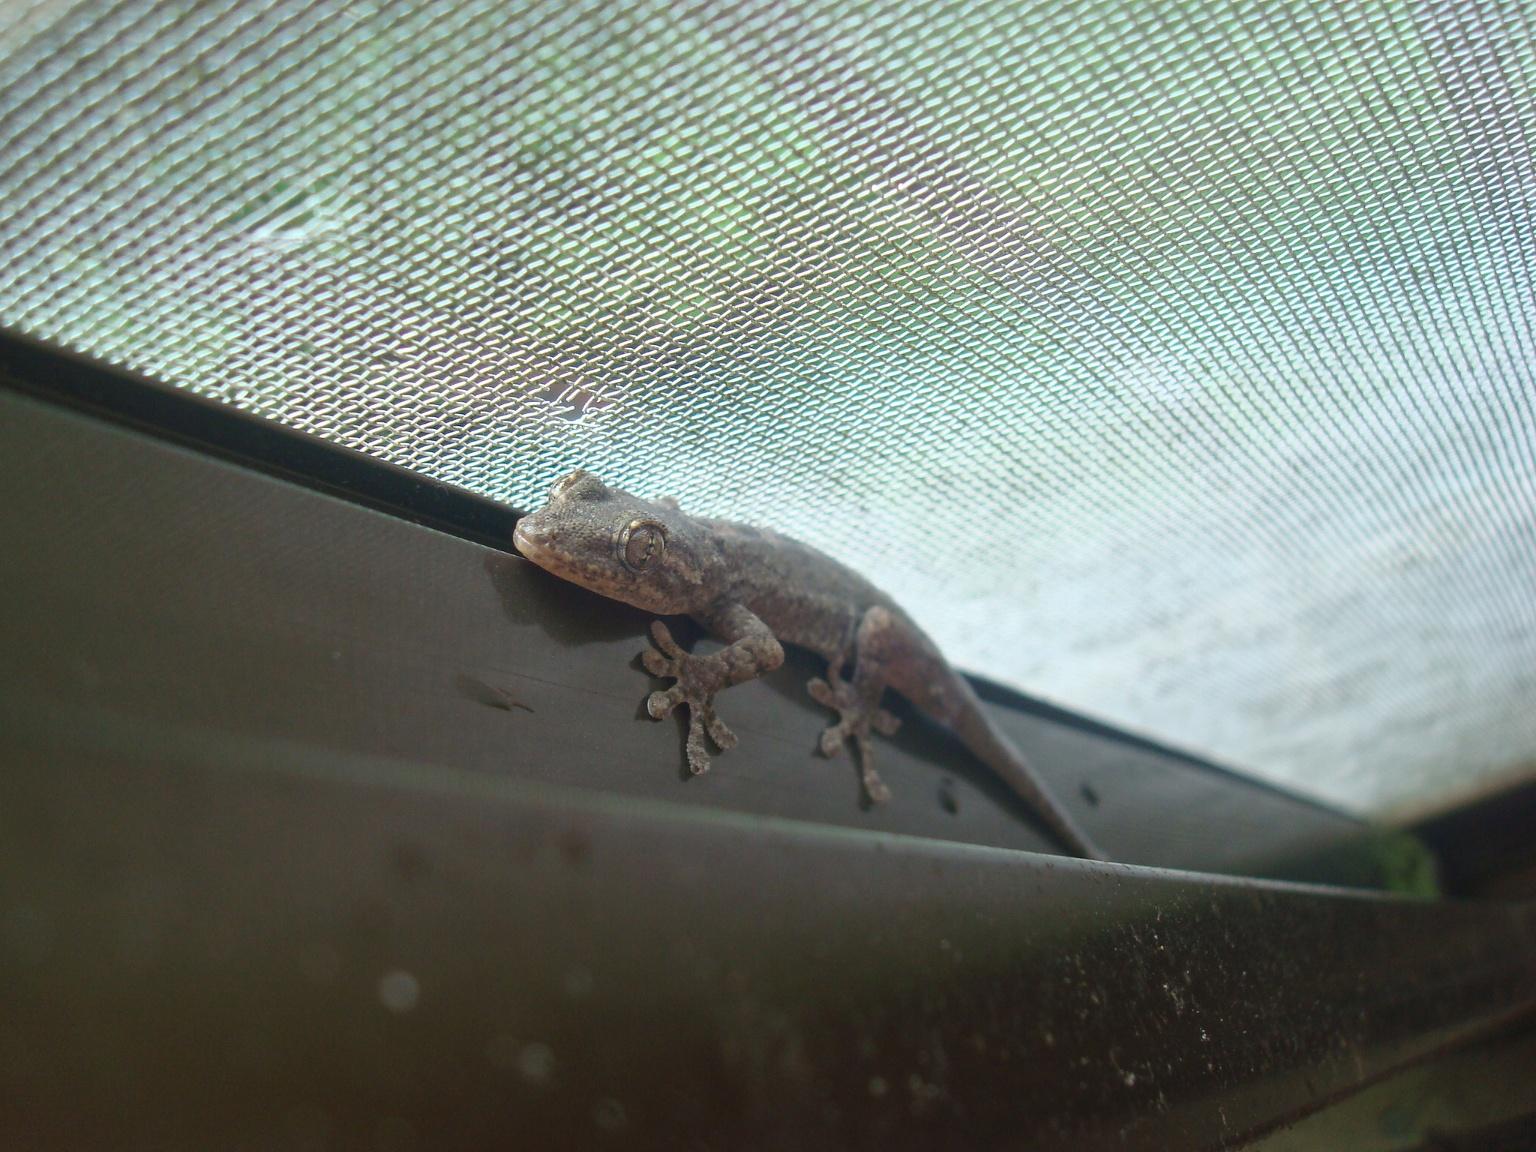 gecko-5.jpg